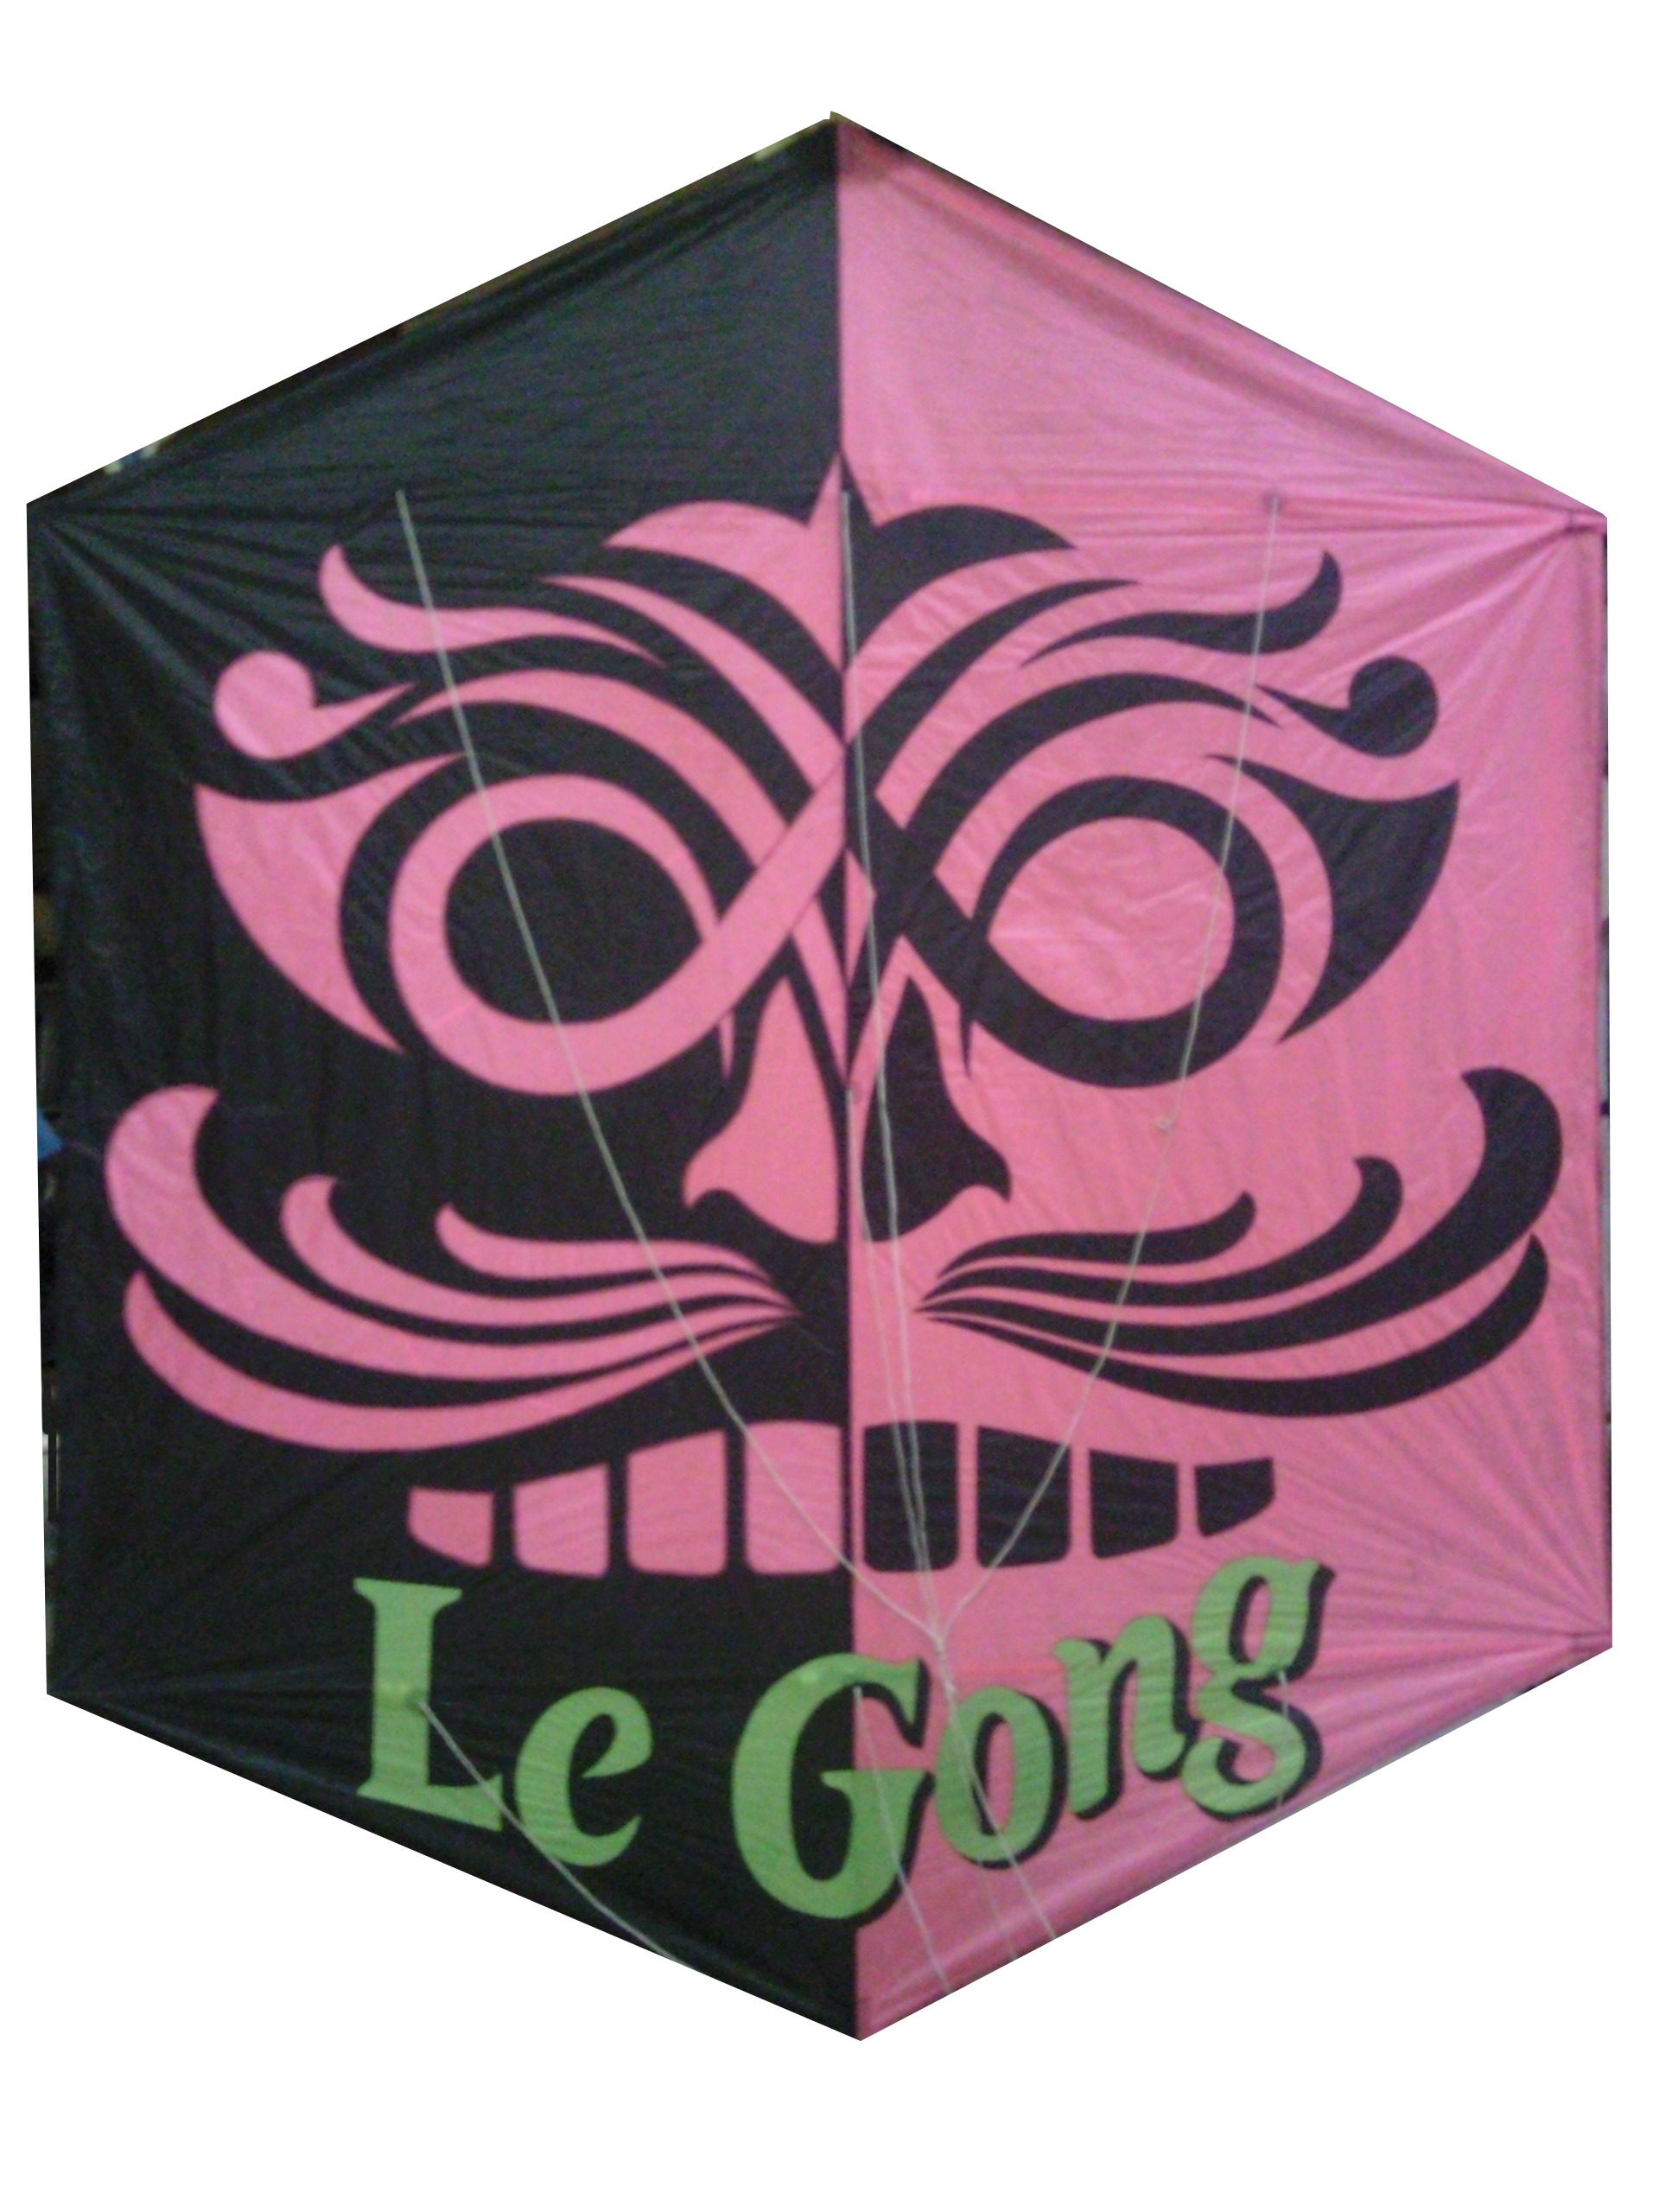 Legong_Kite_Society